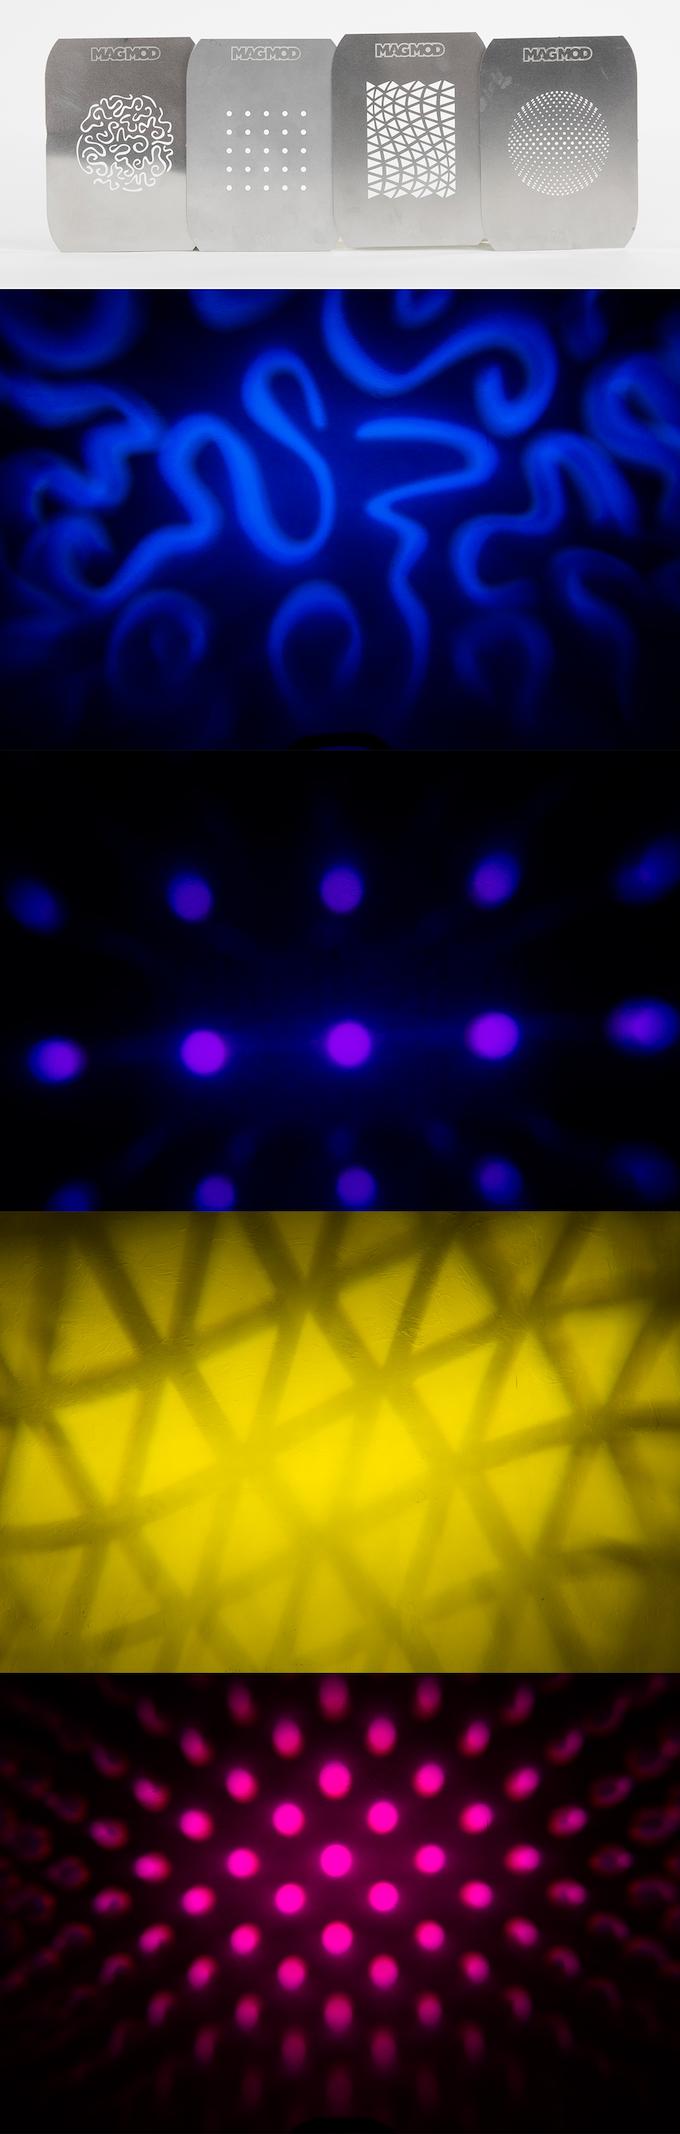 MagMask Pattern Set 1